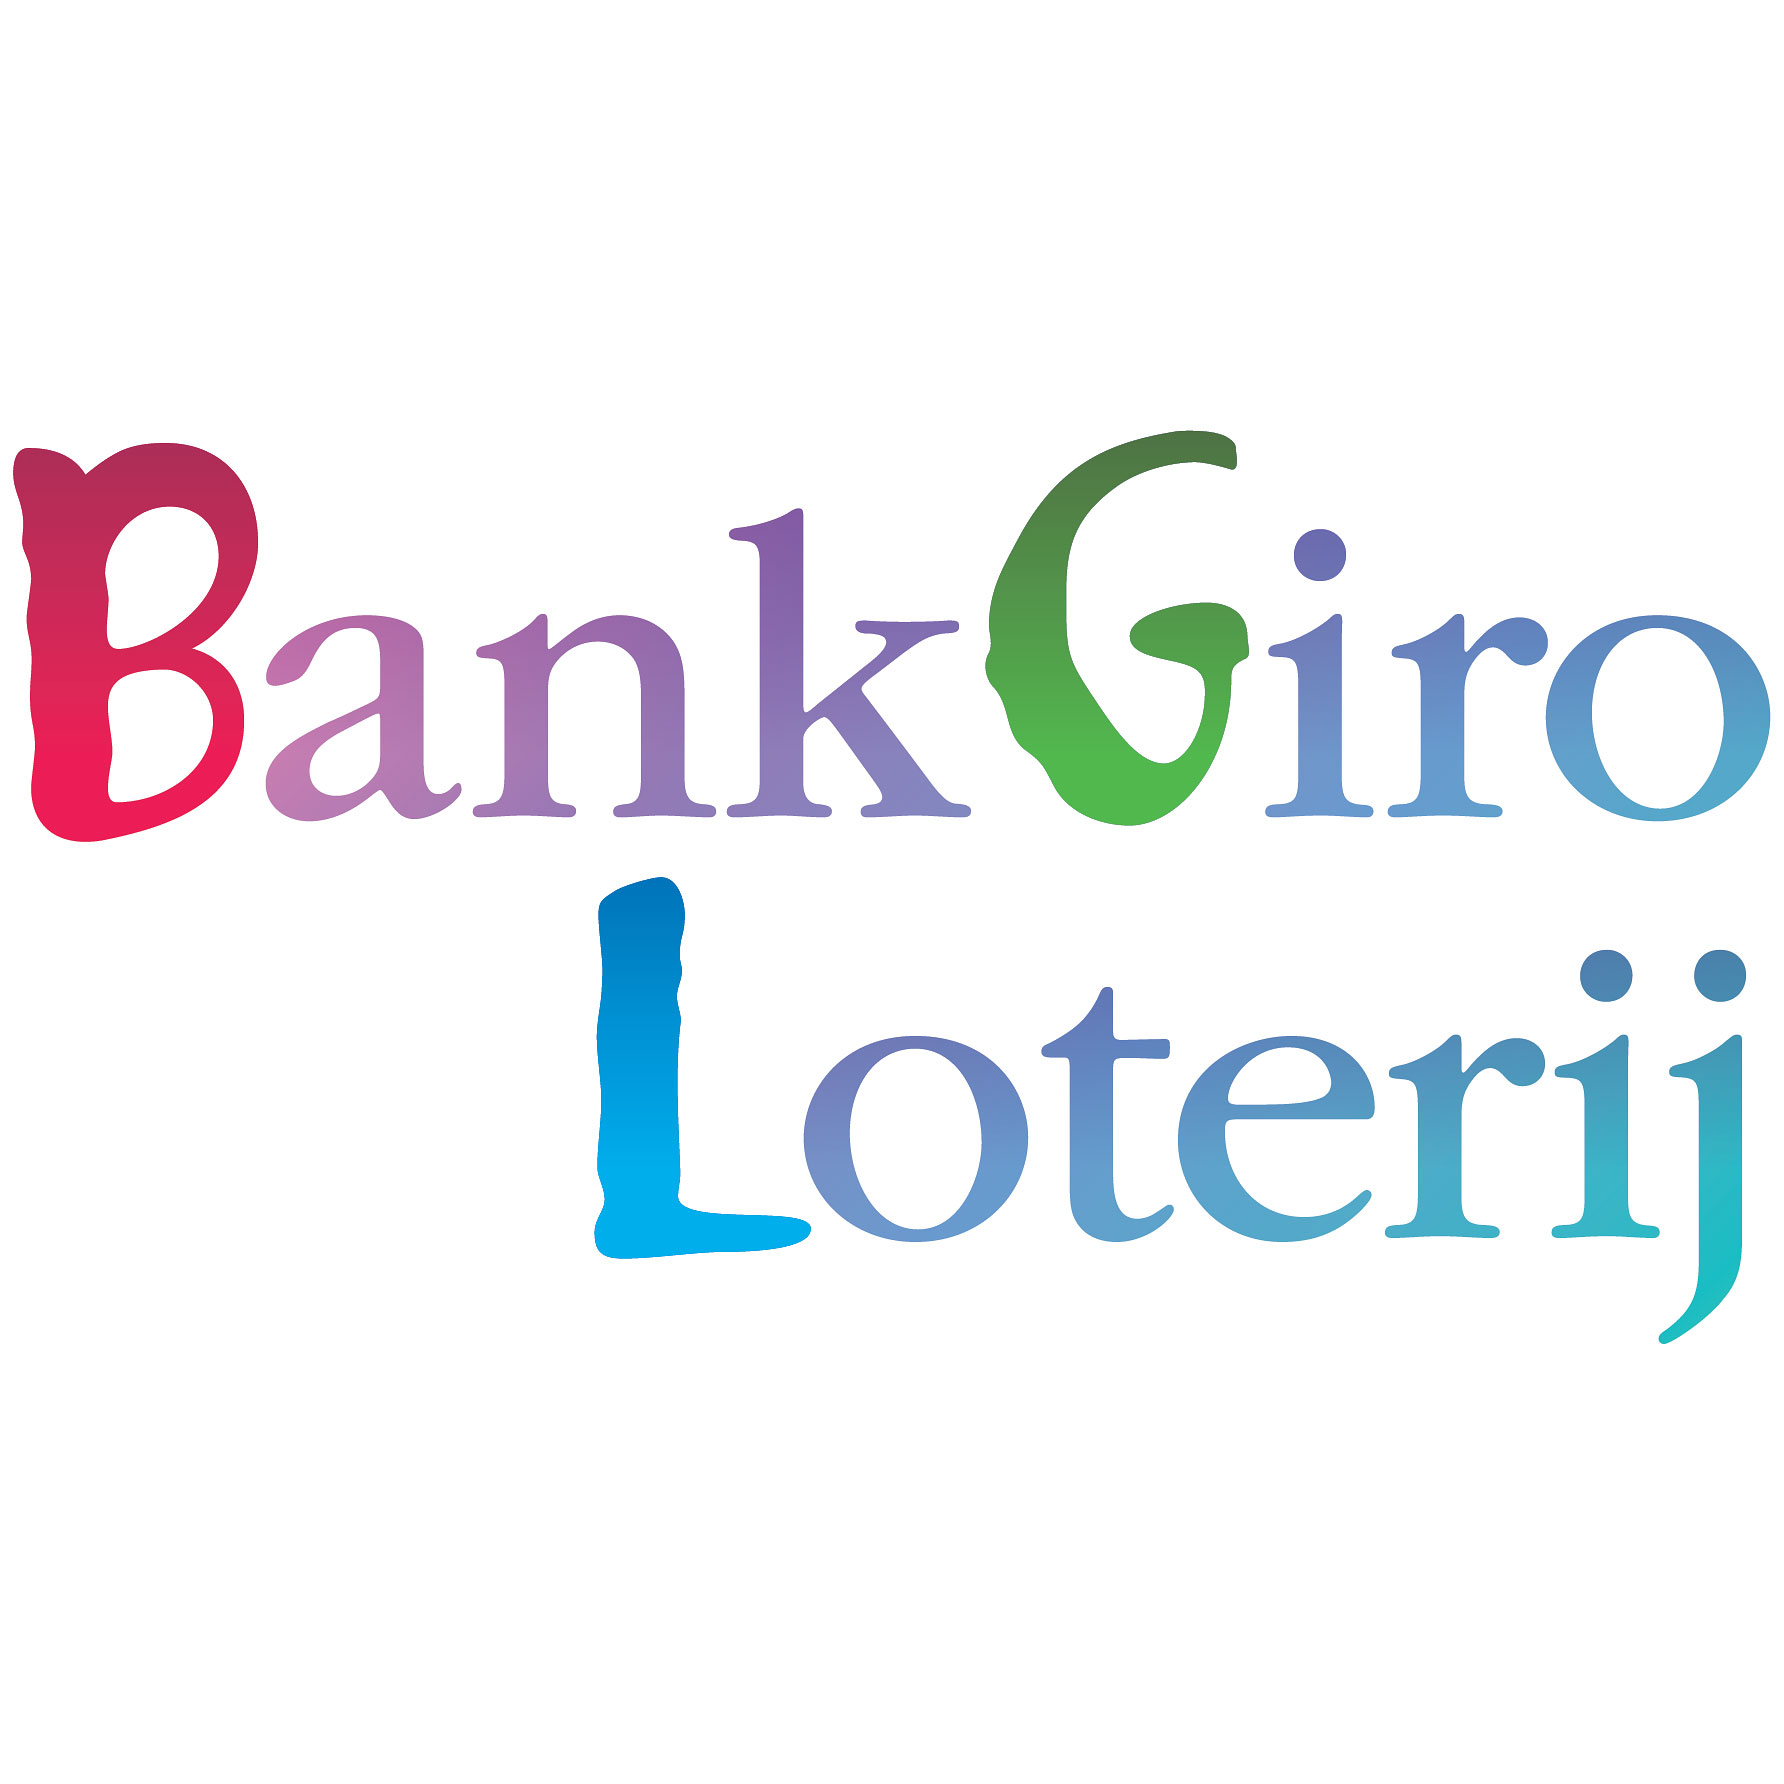 Bankgiro Loterij Ontvang Gegarandeerd 20 Tot 30000